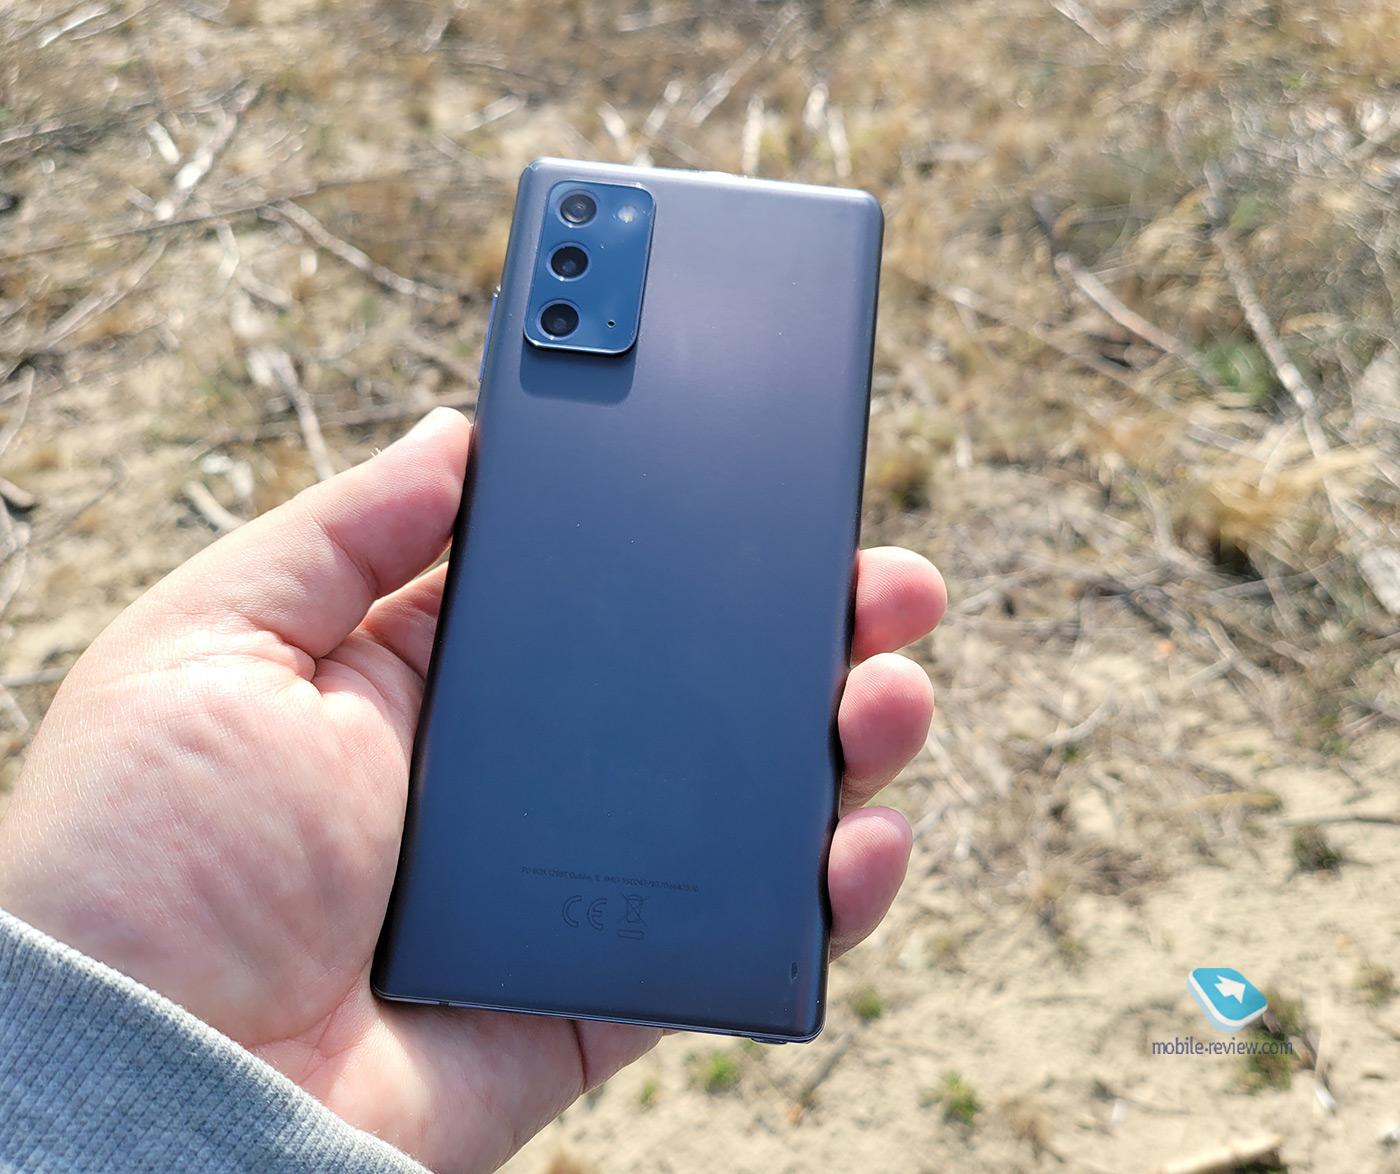 Десять причин не покупать Samsung Galaxy Note20 гаджеты,Интернет,мобильные телефоны,Россия,смартфоны,советы,телефоны,техника,технологии,электроника